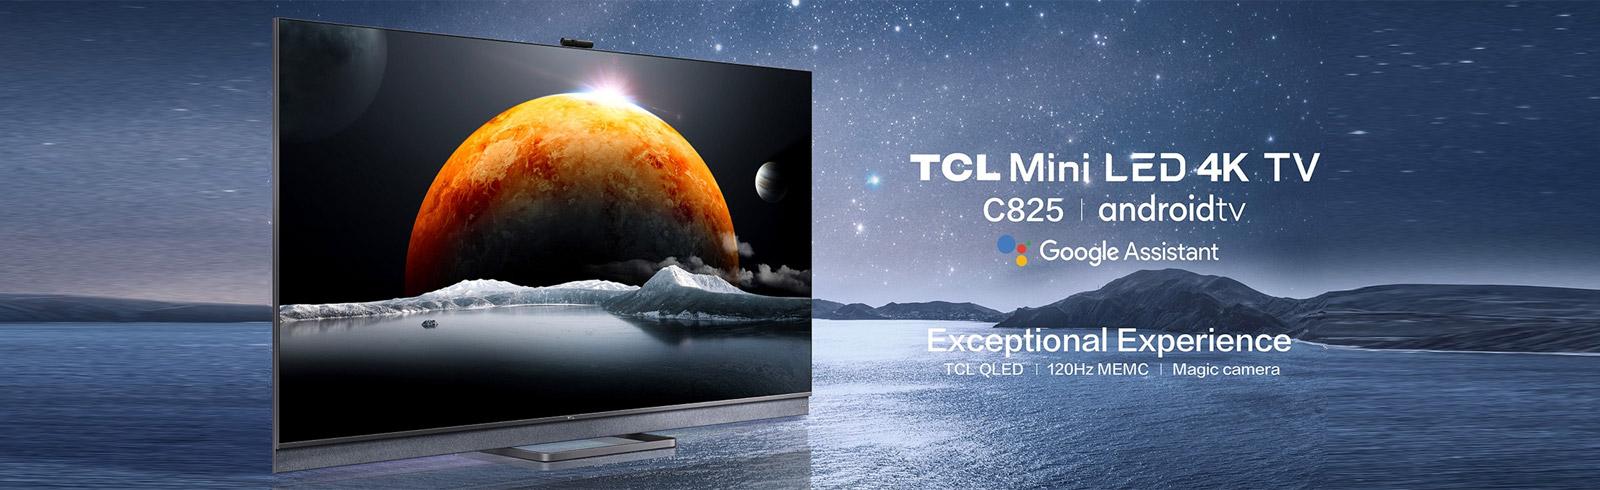 TCL C825 Mini-LED 4K TV goes official